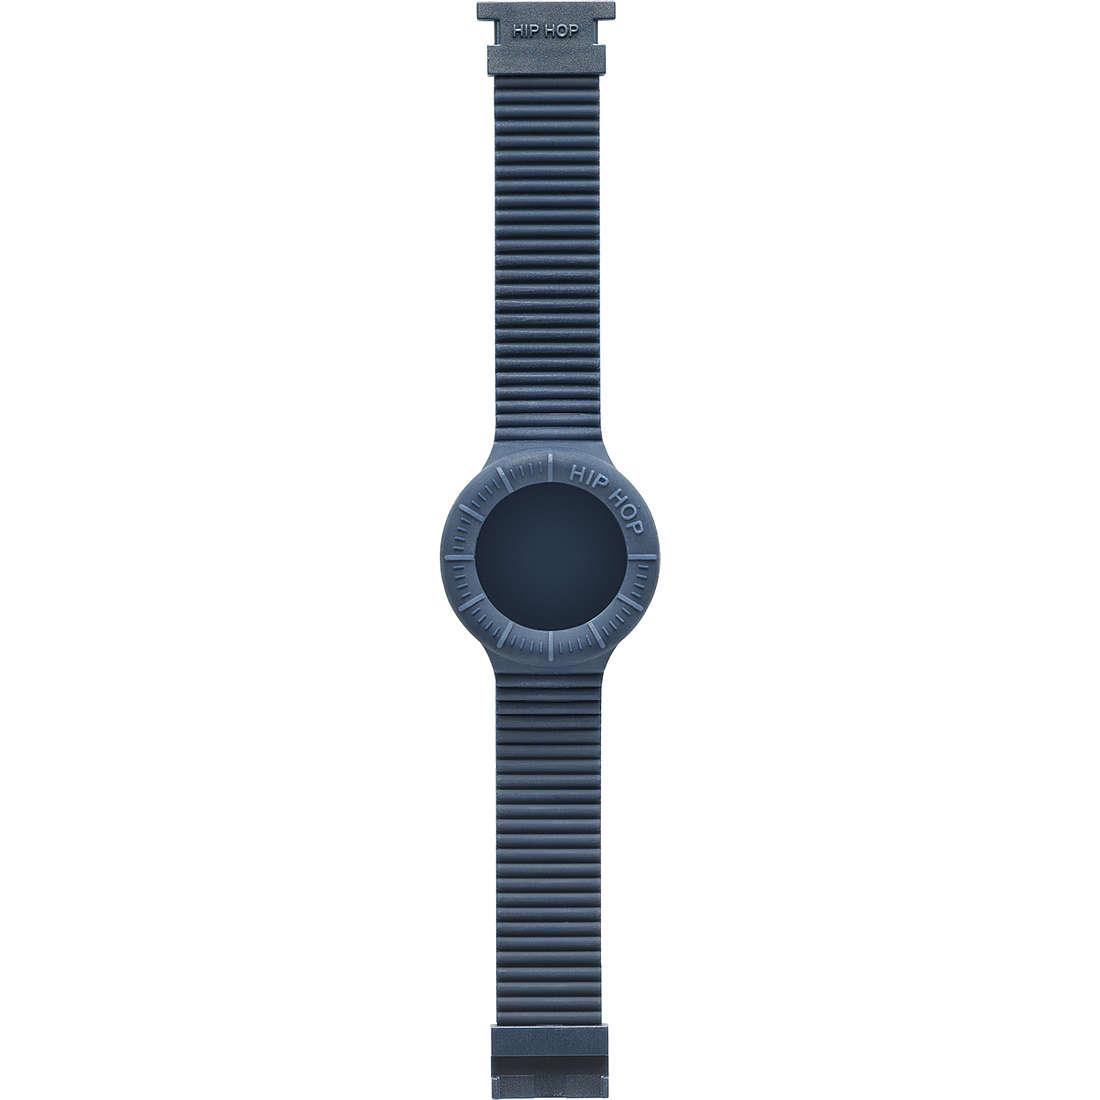 montre bracelet montre unisex Hip Hop Multifunzione HBU0175